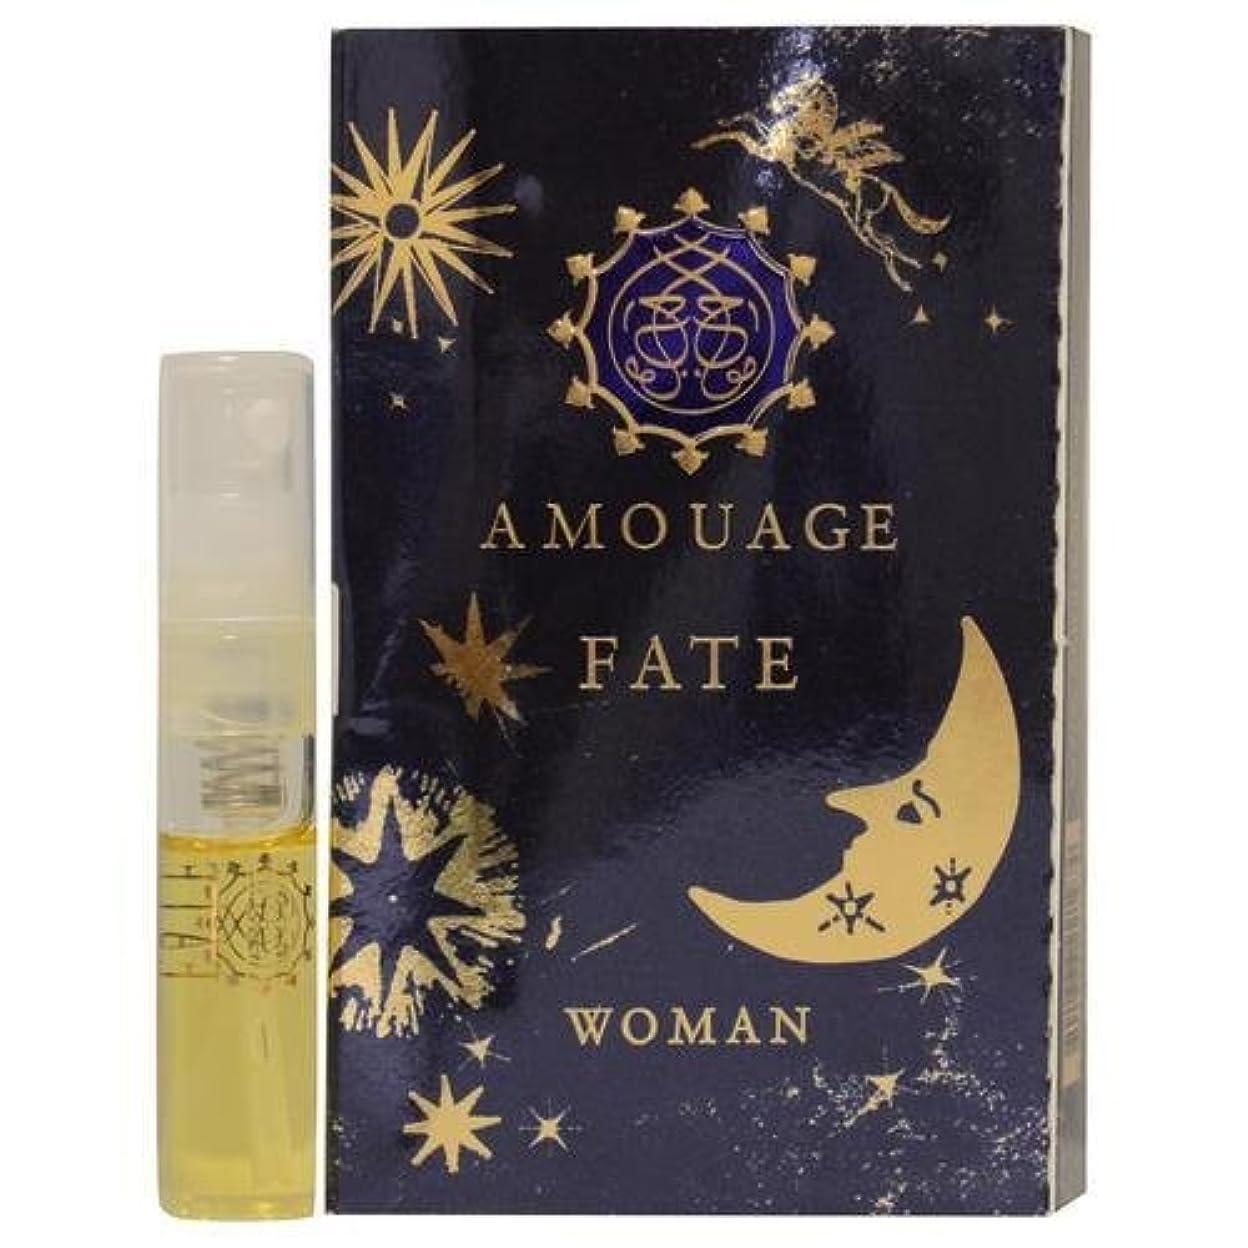 負生物学額Amouage Fate Woman EDP Vial Sample(アムアージュ フェイト ウーマン オードパルファン)2ml サンプル